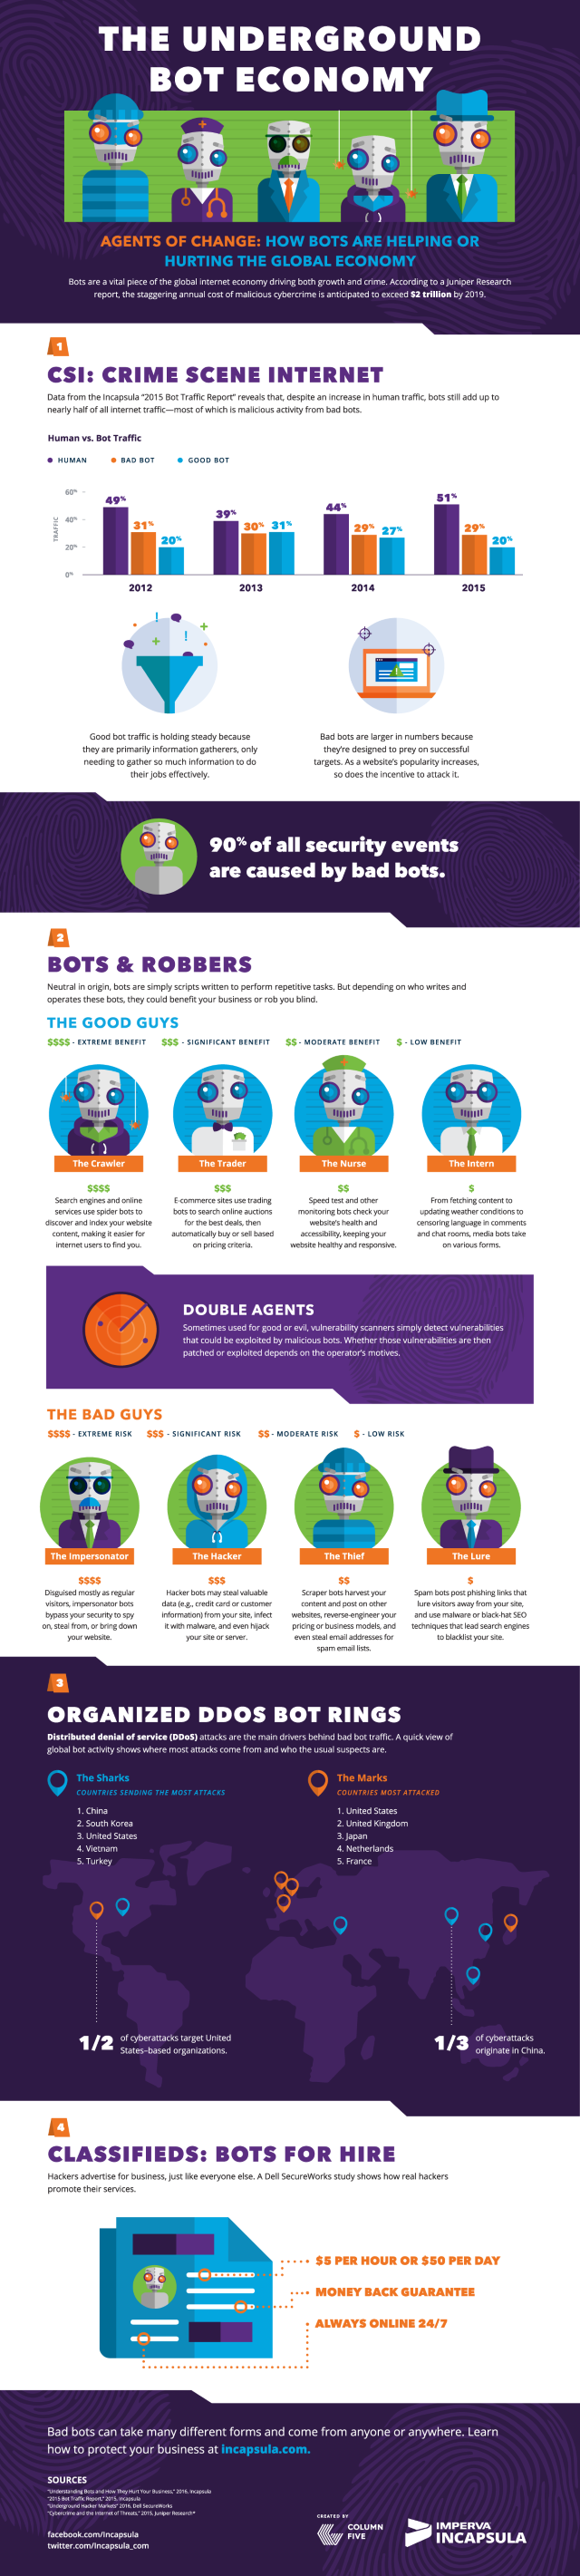 Bot economy infographic